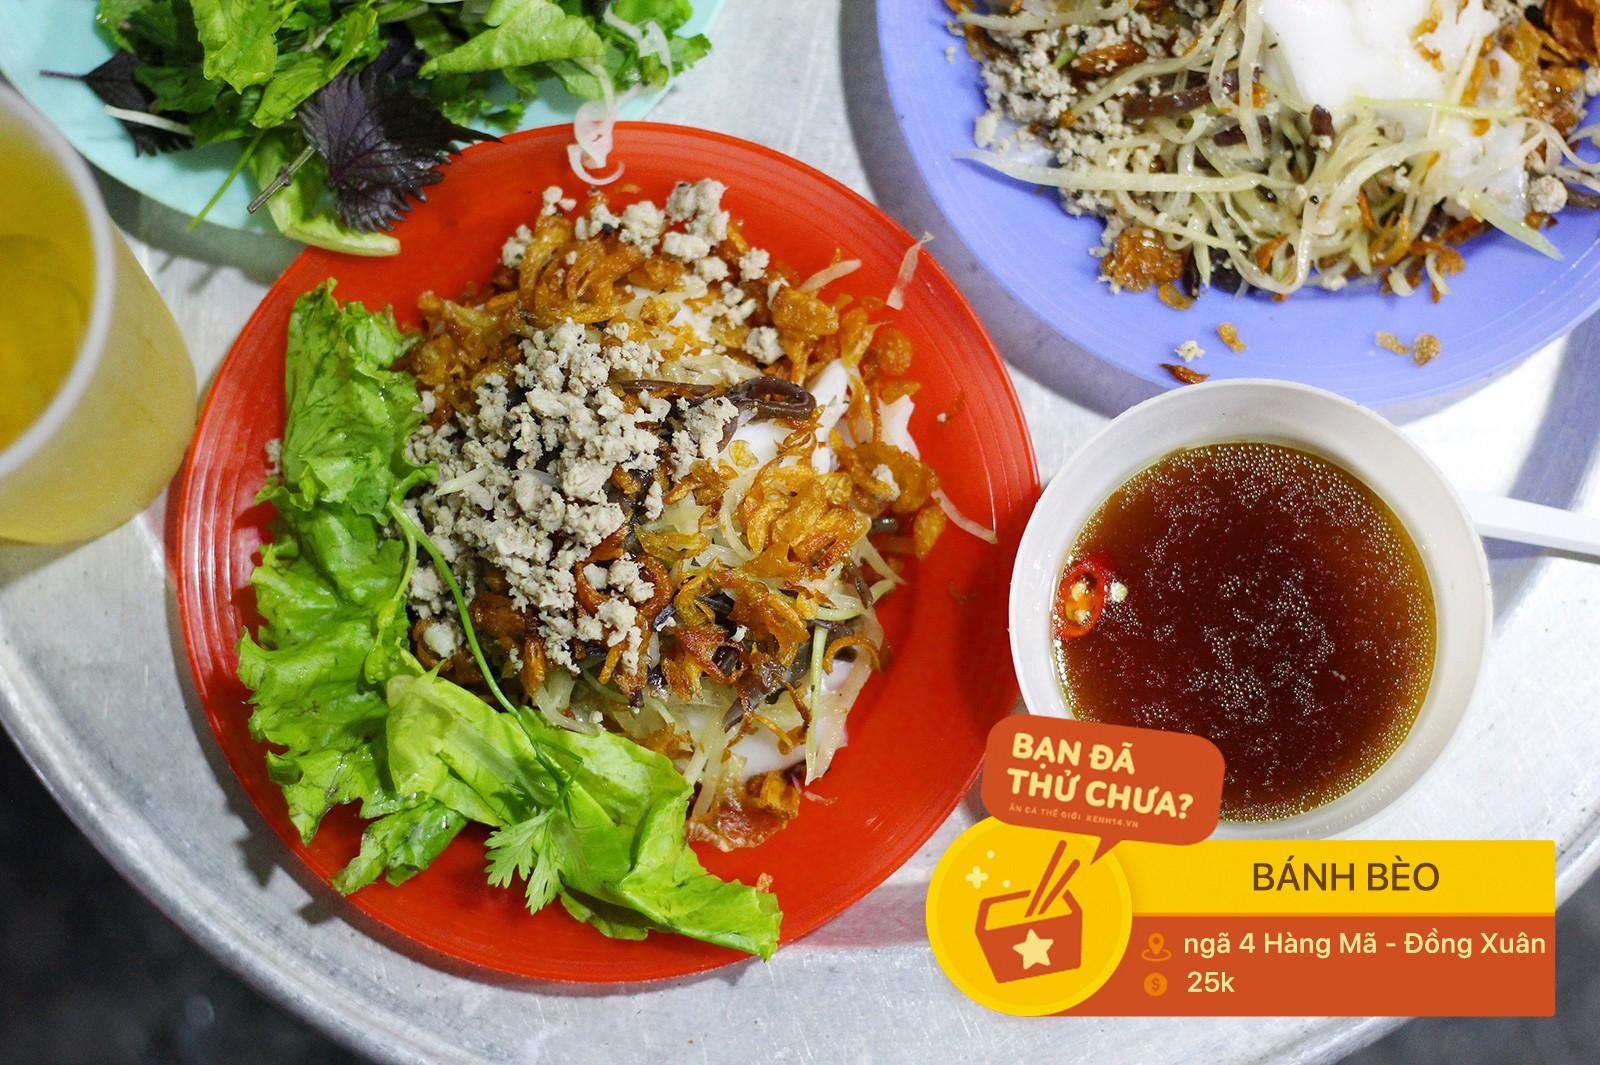 Món ăn mà ở Hà Nội chỉ có một hàng duy nhất và chỉ bán đúng 3 tối cuối tuần, còn không tranh thủ ngay thôi! - Ảnh 7.